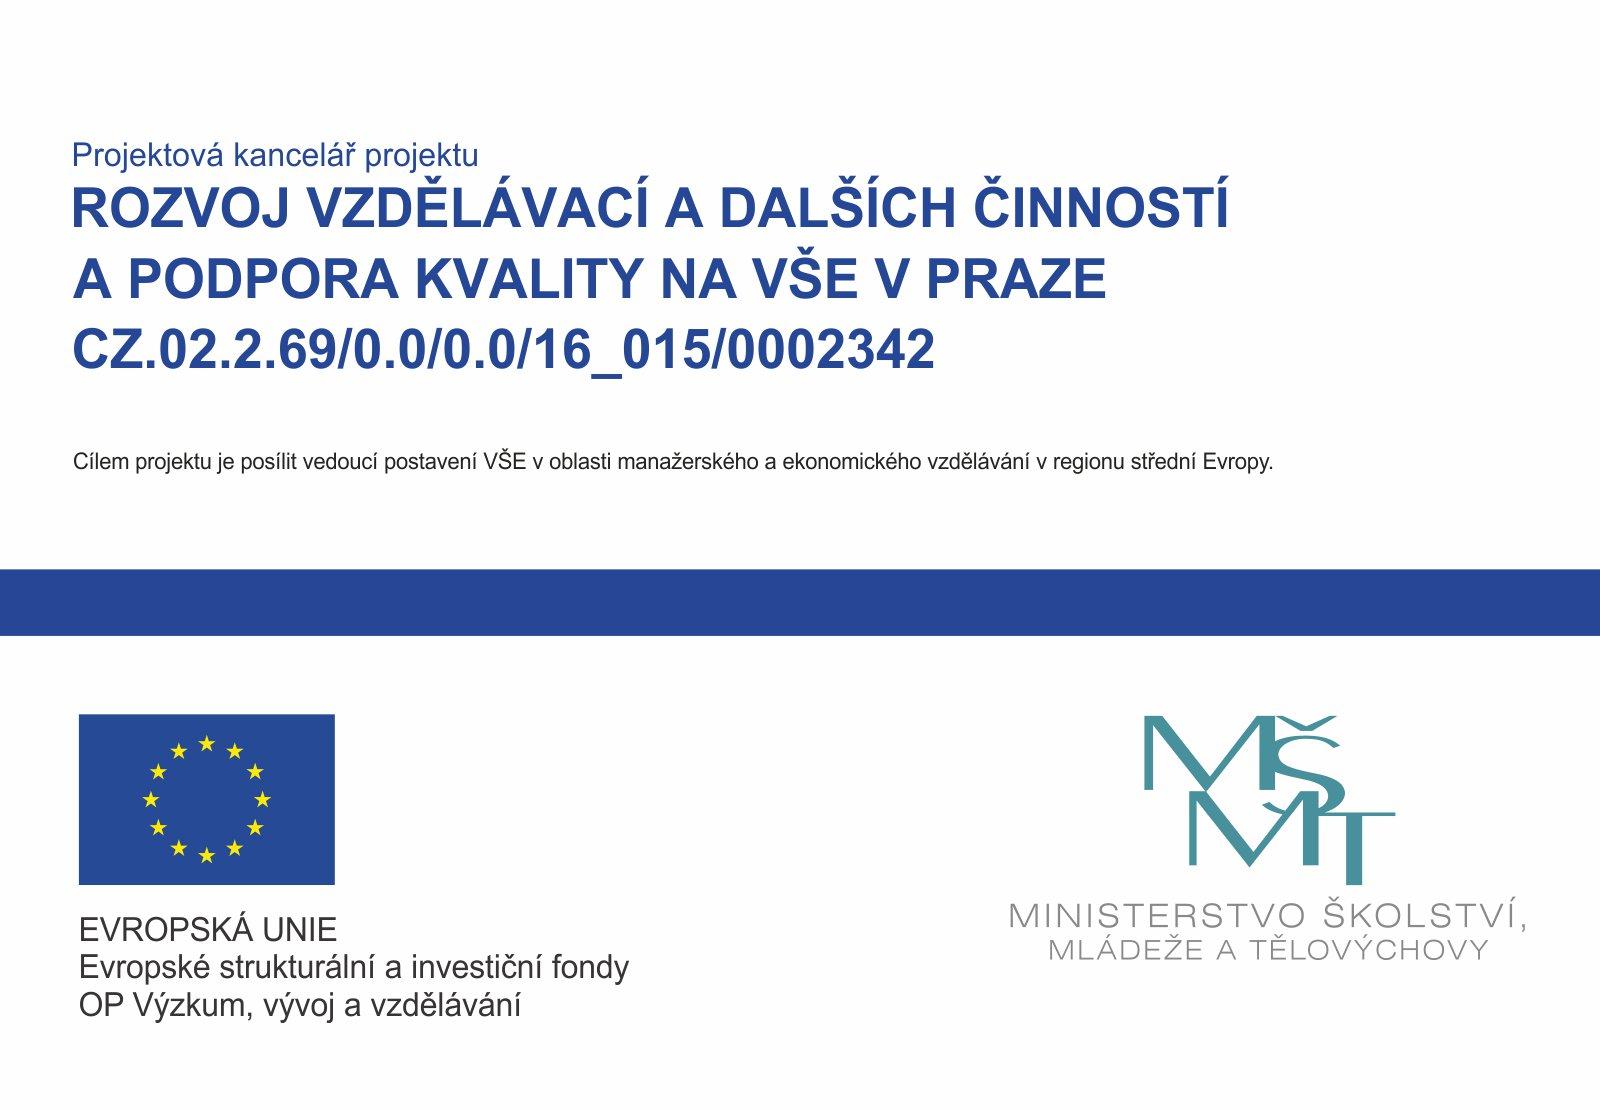 Rozvoj vzdělávací a dalších činností a podpora kvality na VŠE v Praze